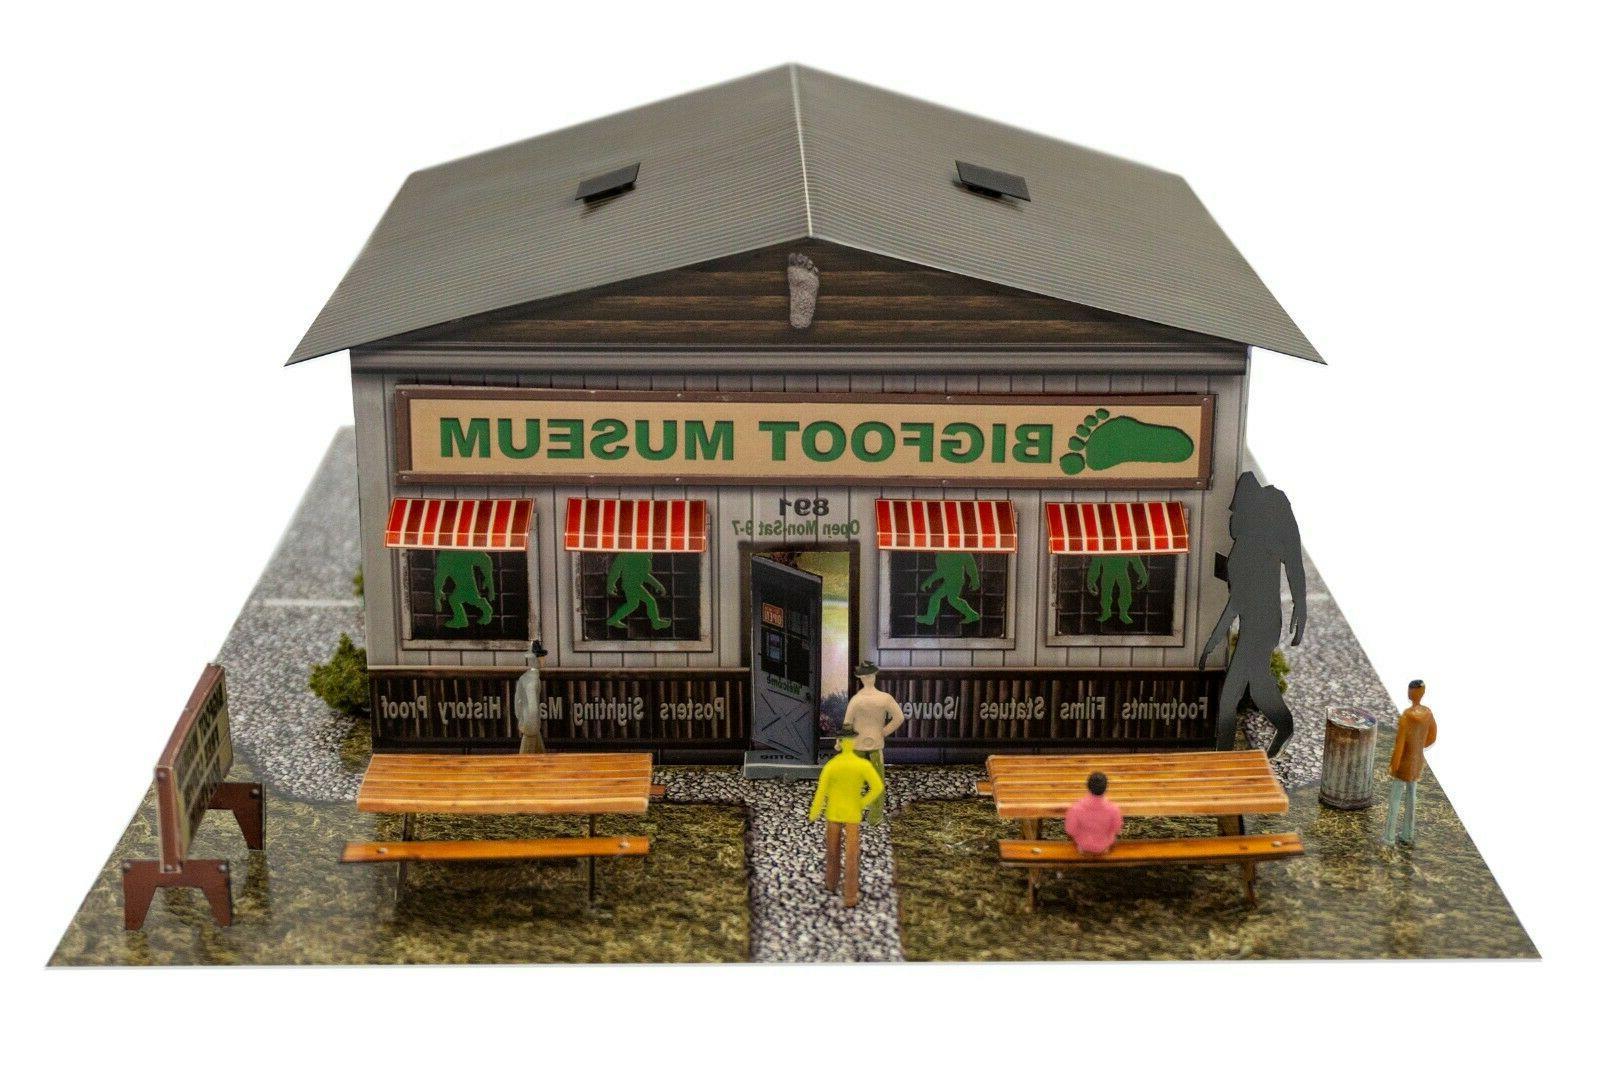 1 48 bigfoot museum model build kit